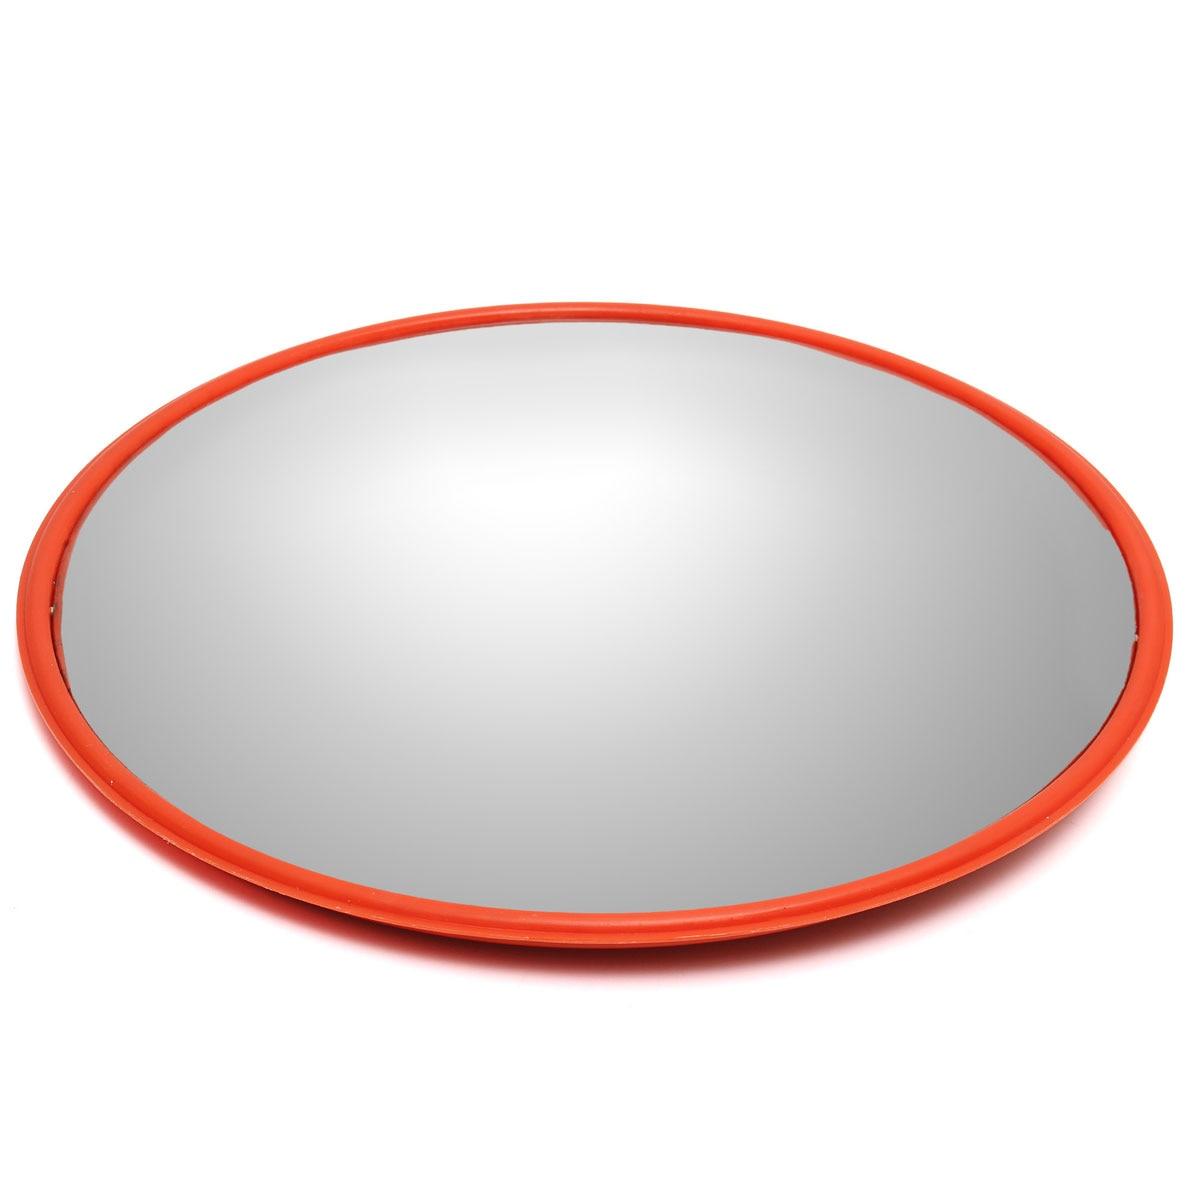 NOVA Safurance 60 cm de Segurança De Grande Angular Espelho Convexo Curva Estrada Tráfego Driveway Segurança Da Estrada Sinal de Trânsito